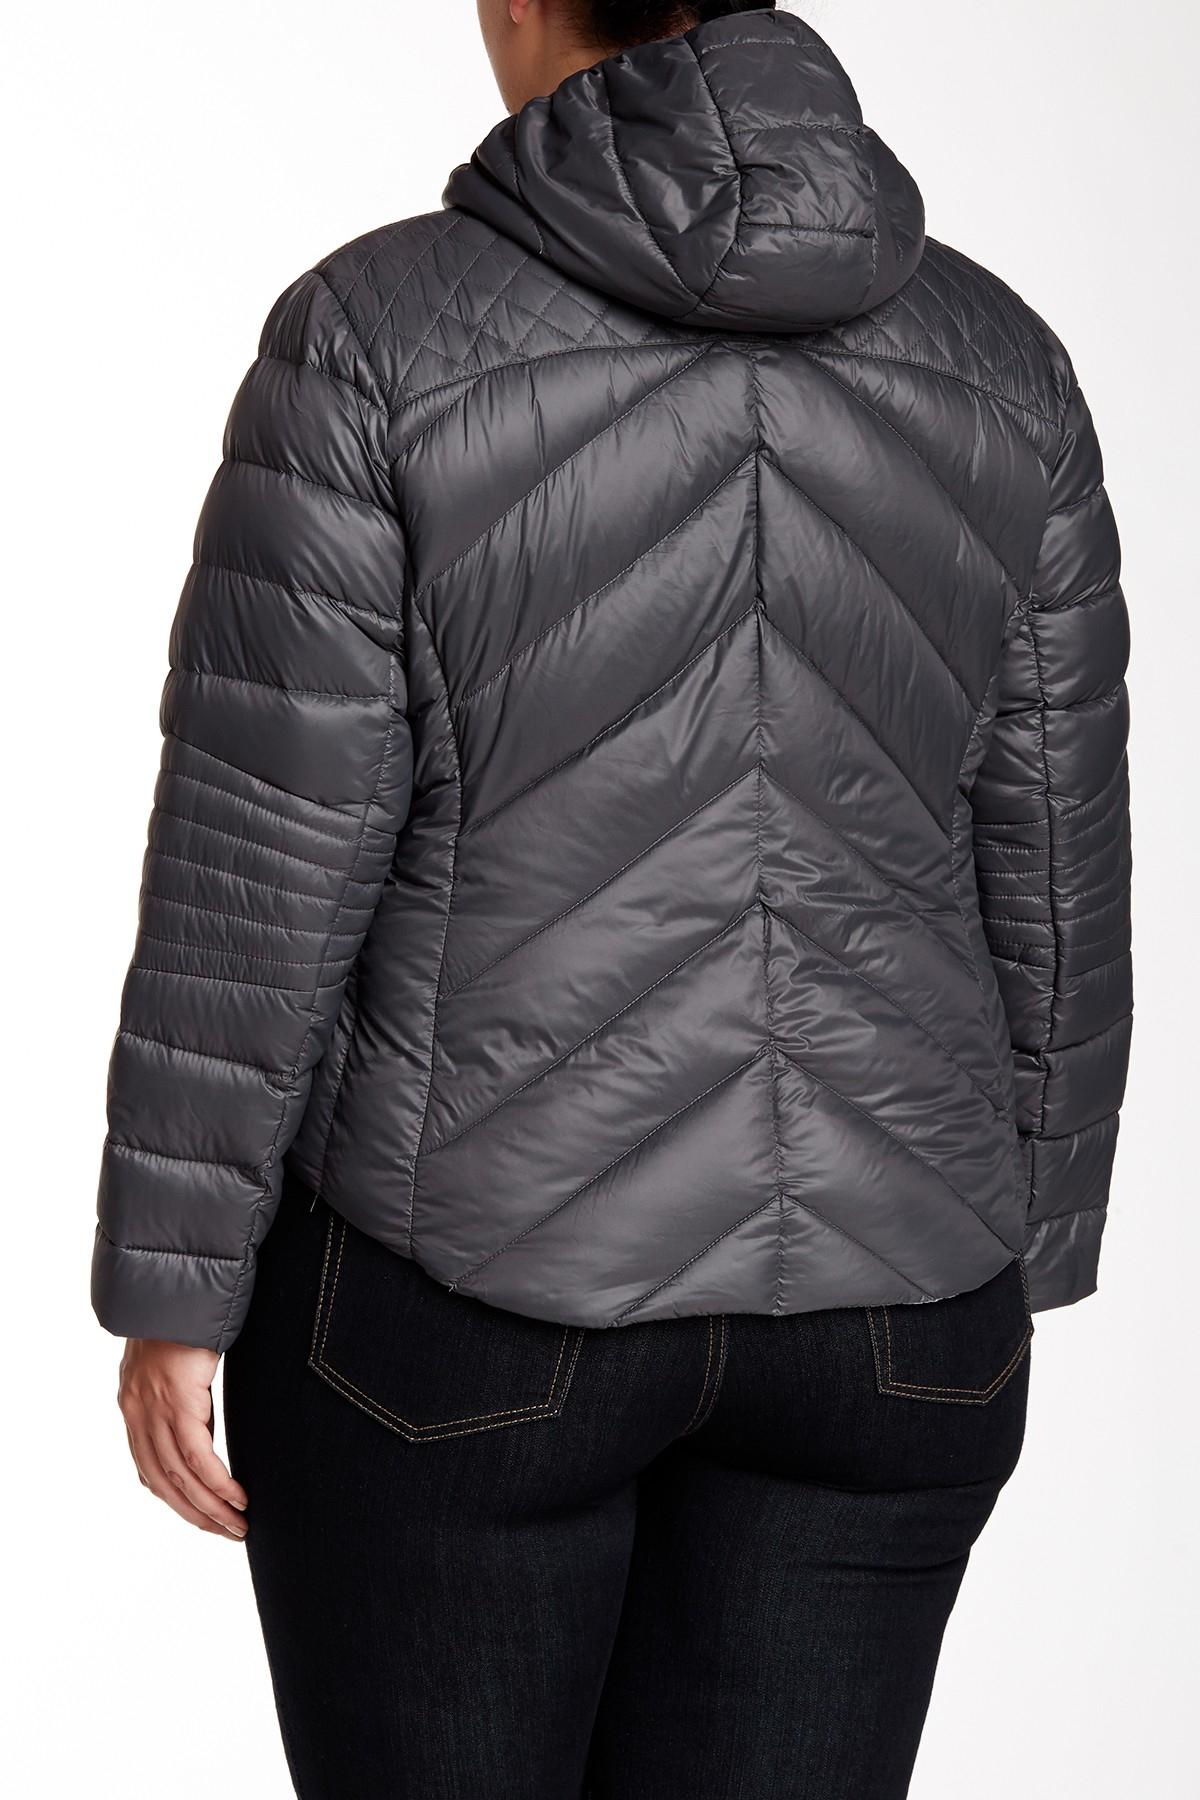 Lyst Bcbgeneration Short Packable Puffer Coat Plus Size